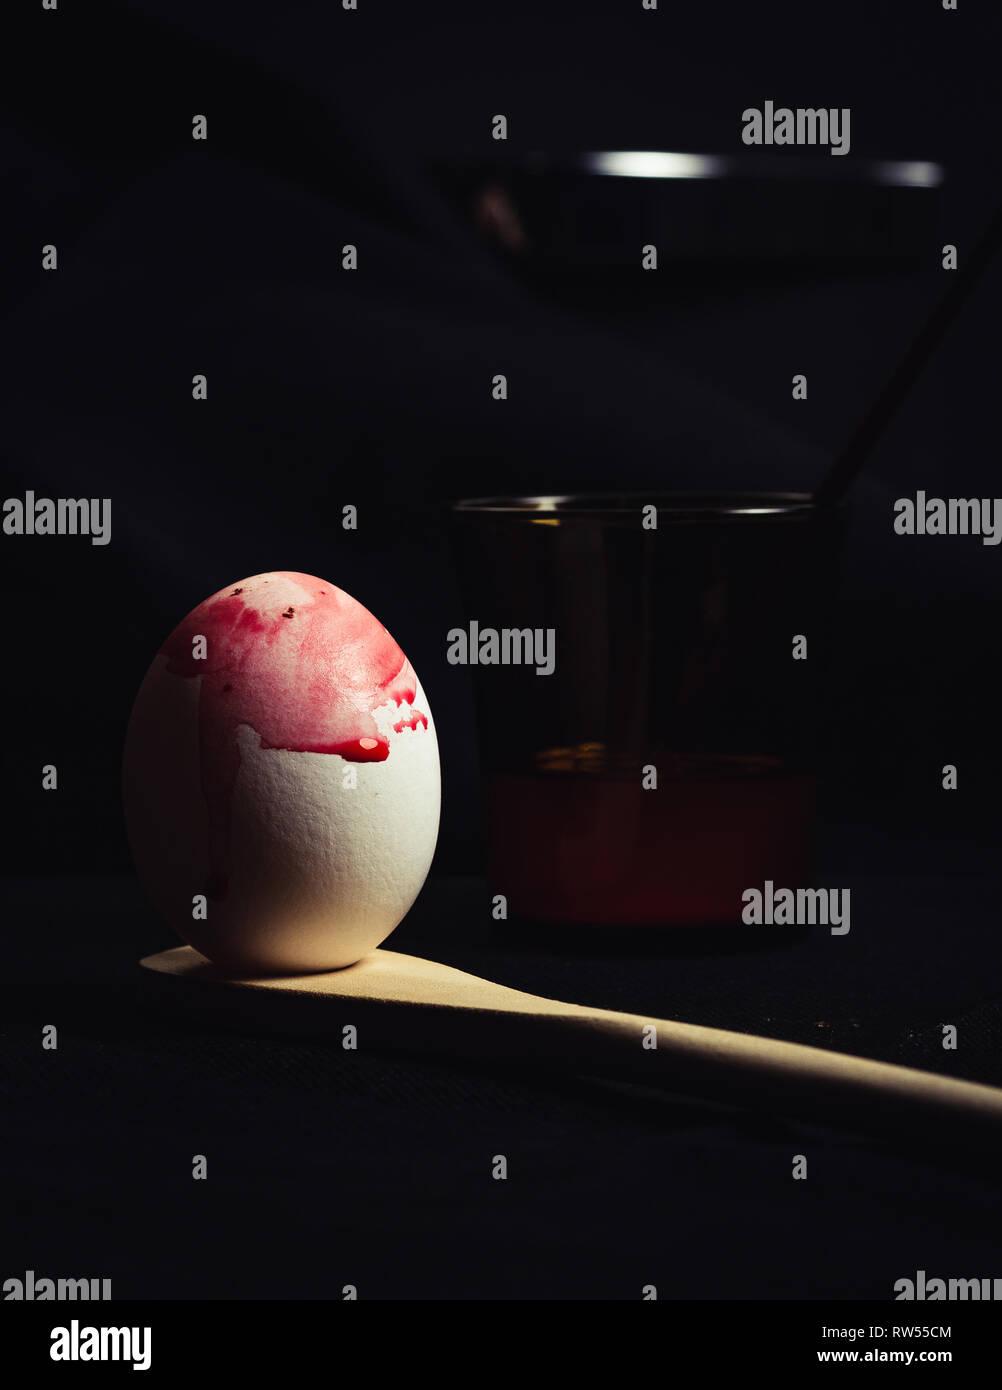 Satz von schlecht gefärbten Eiern Stockbild